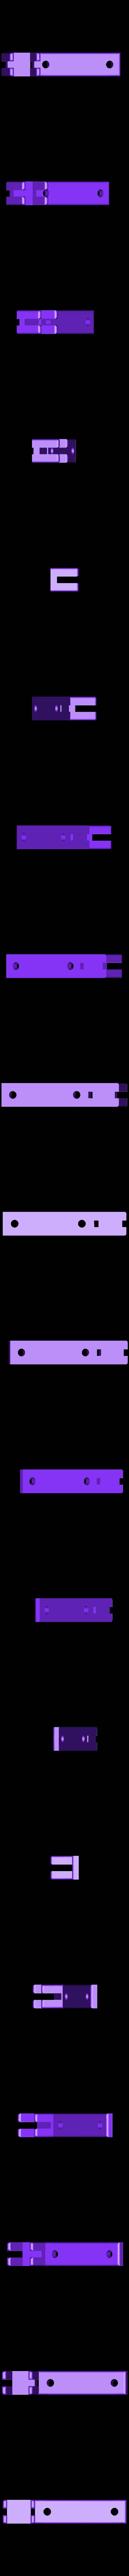 EZR_Struder_-_Cable_clip.stl Télécharger fichier STL gratuit EZR Strder Séjour en câble • Modèle imprimable en 3D, stefan042